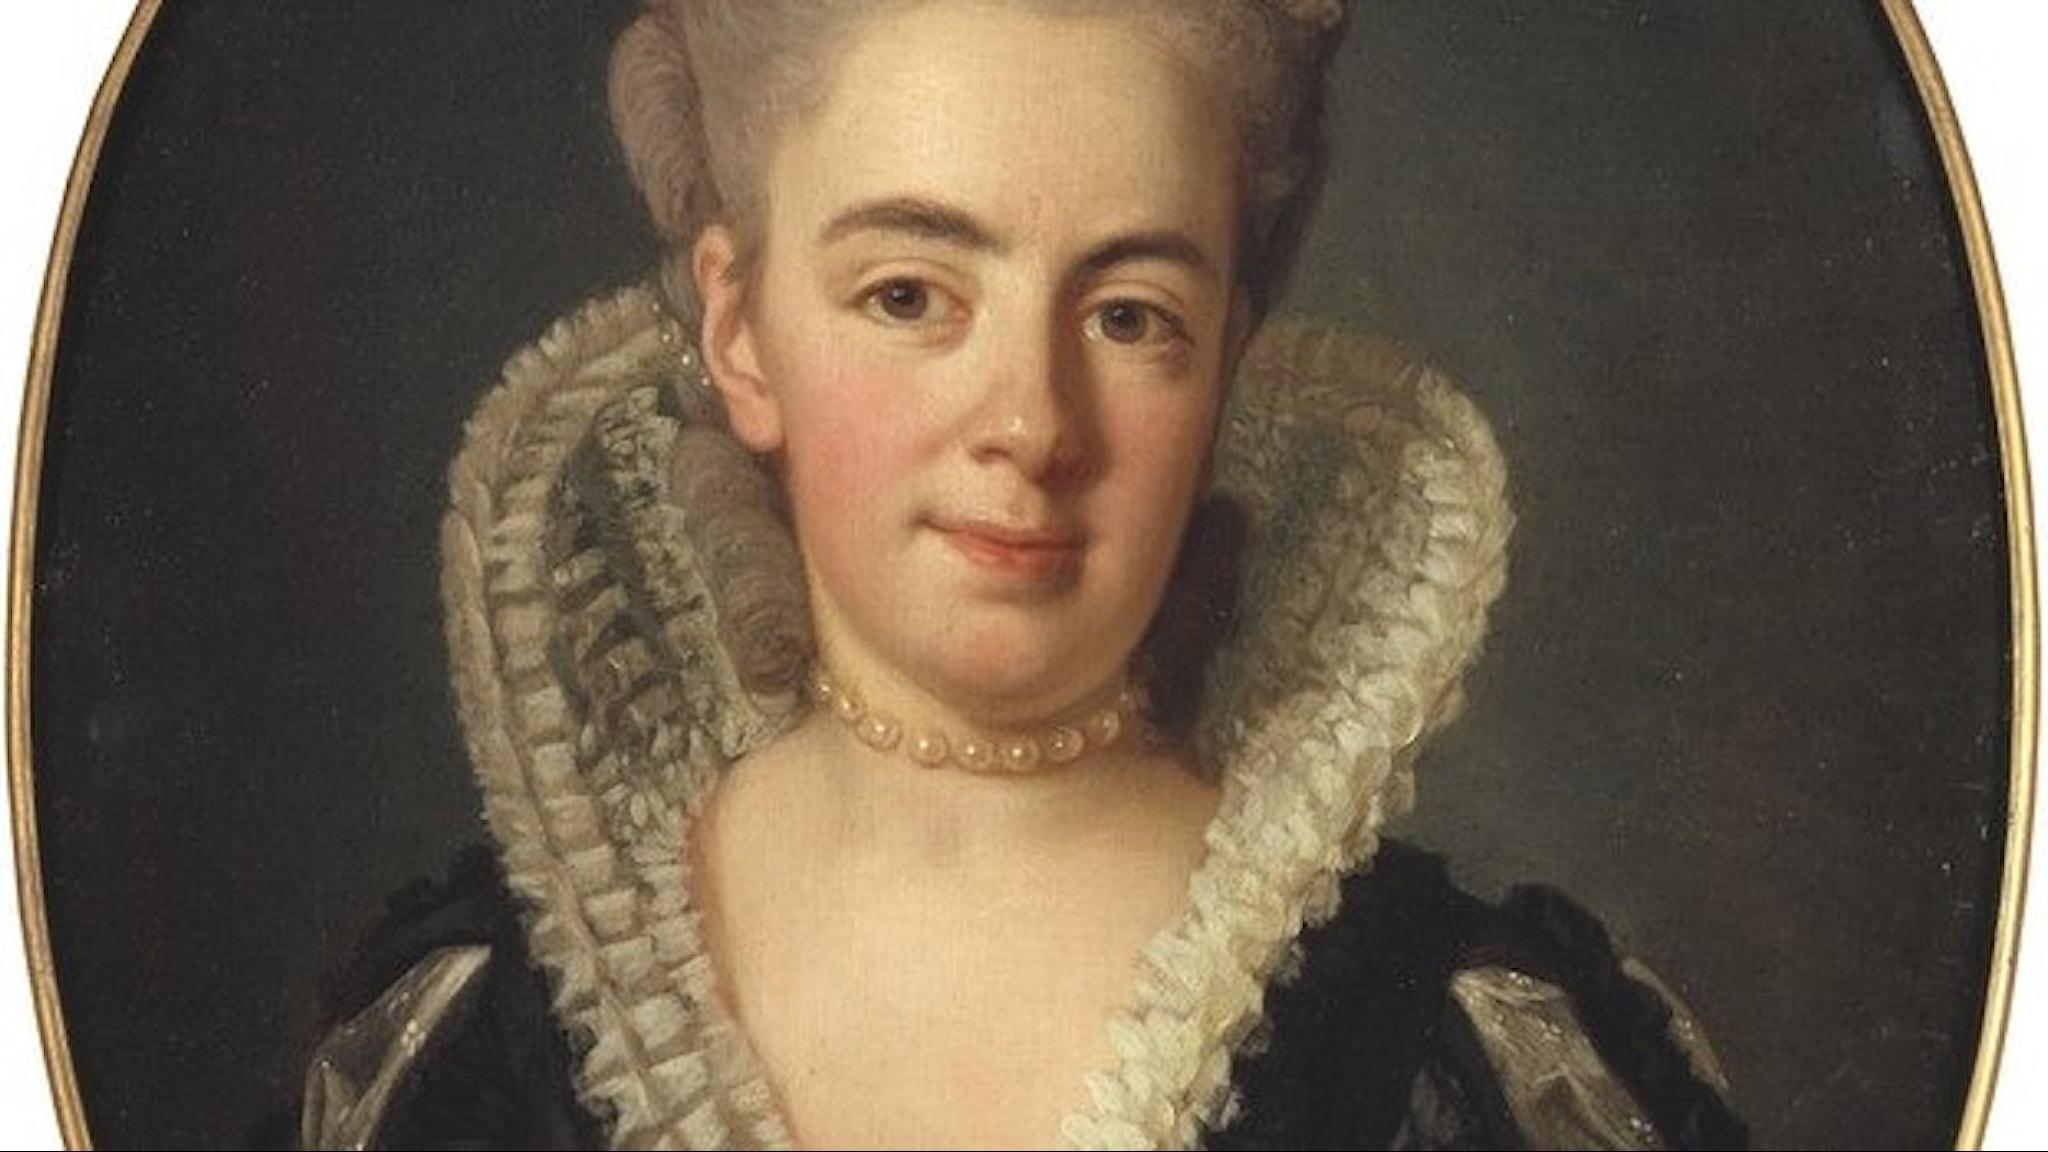 Anna Charlotta Stapelmohr som levde på 1700-talet med en hög krage, i närbild.